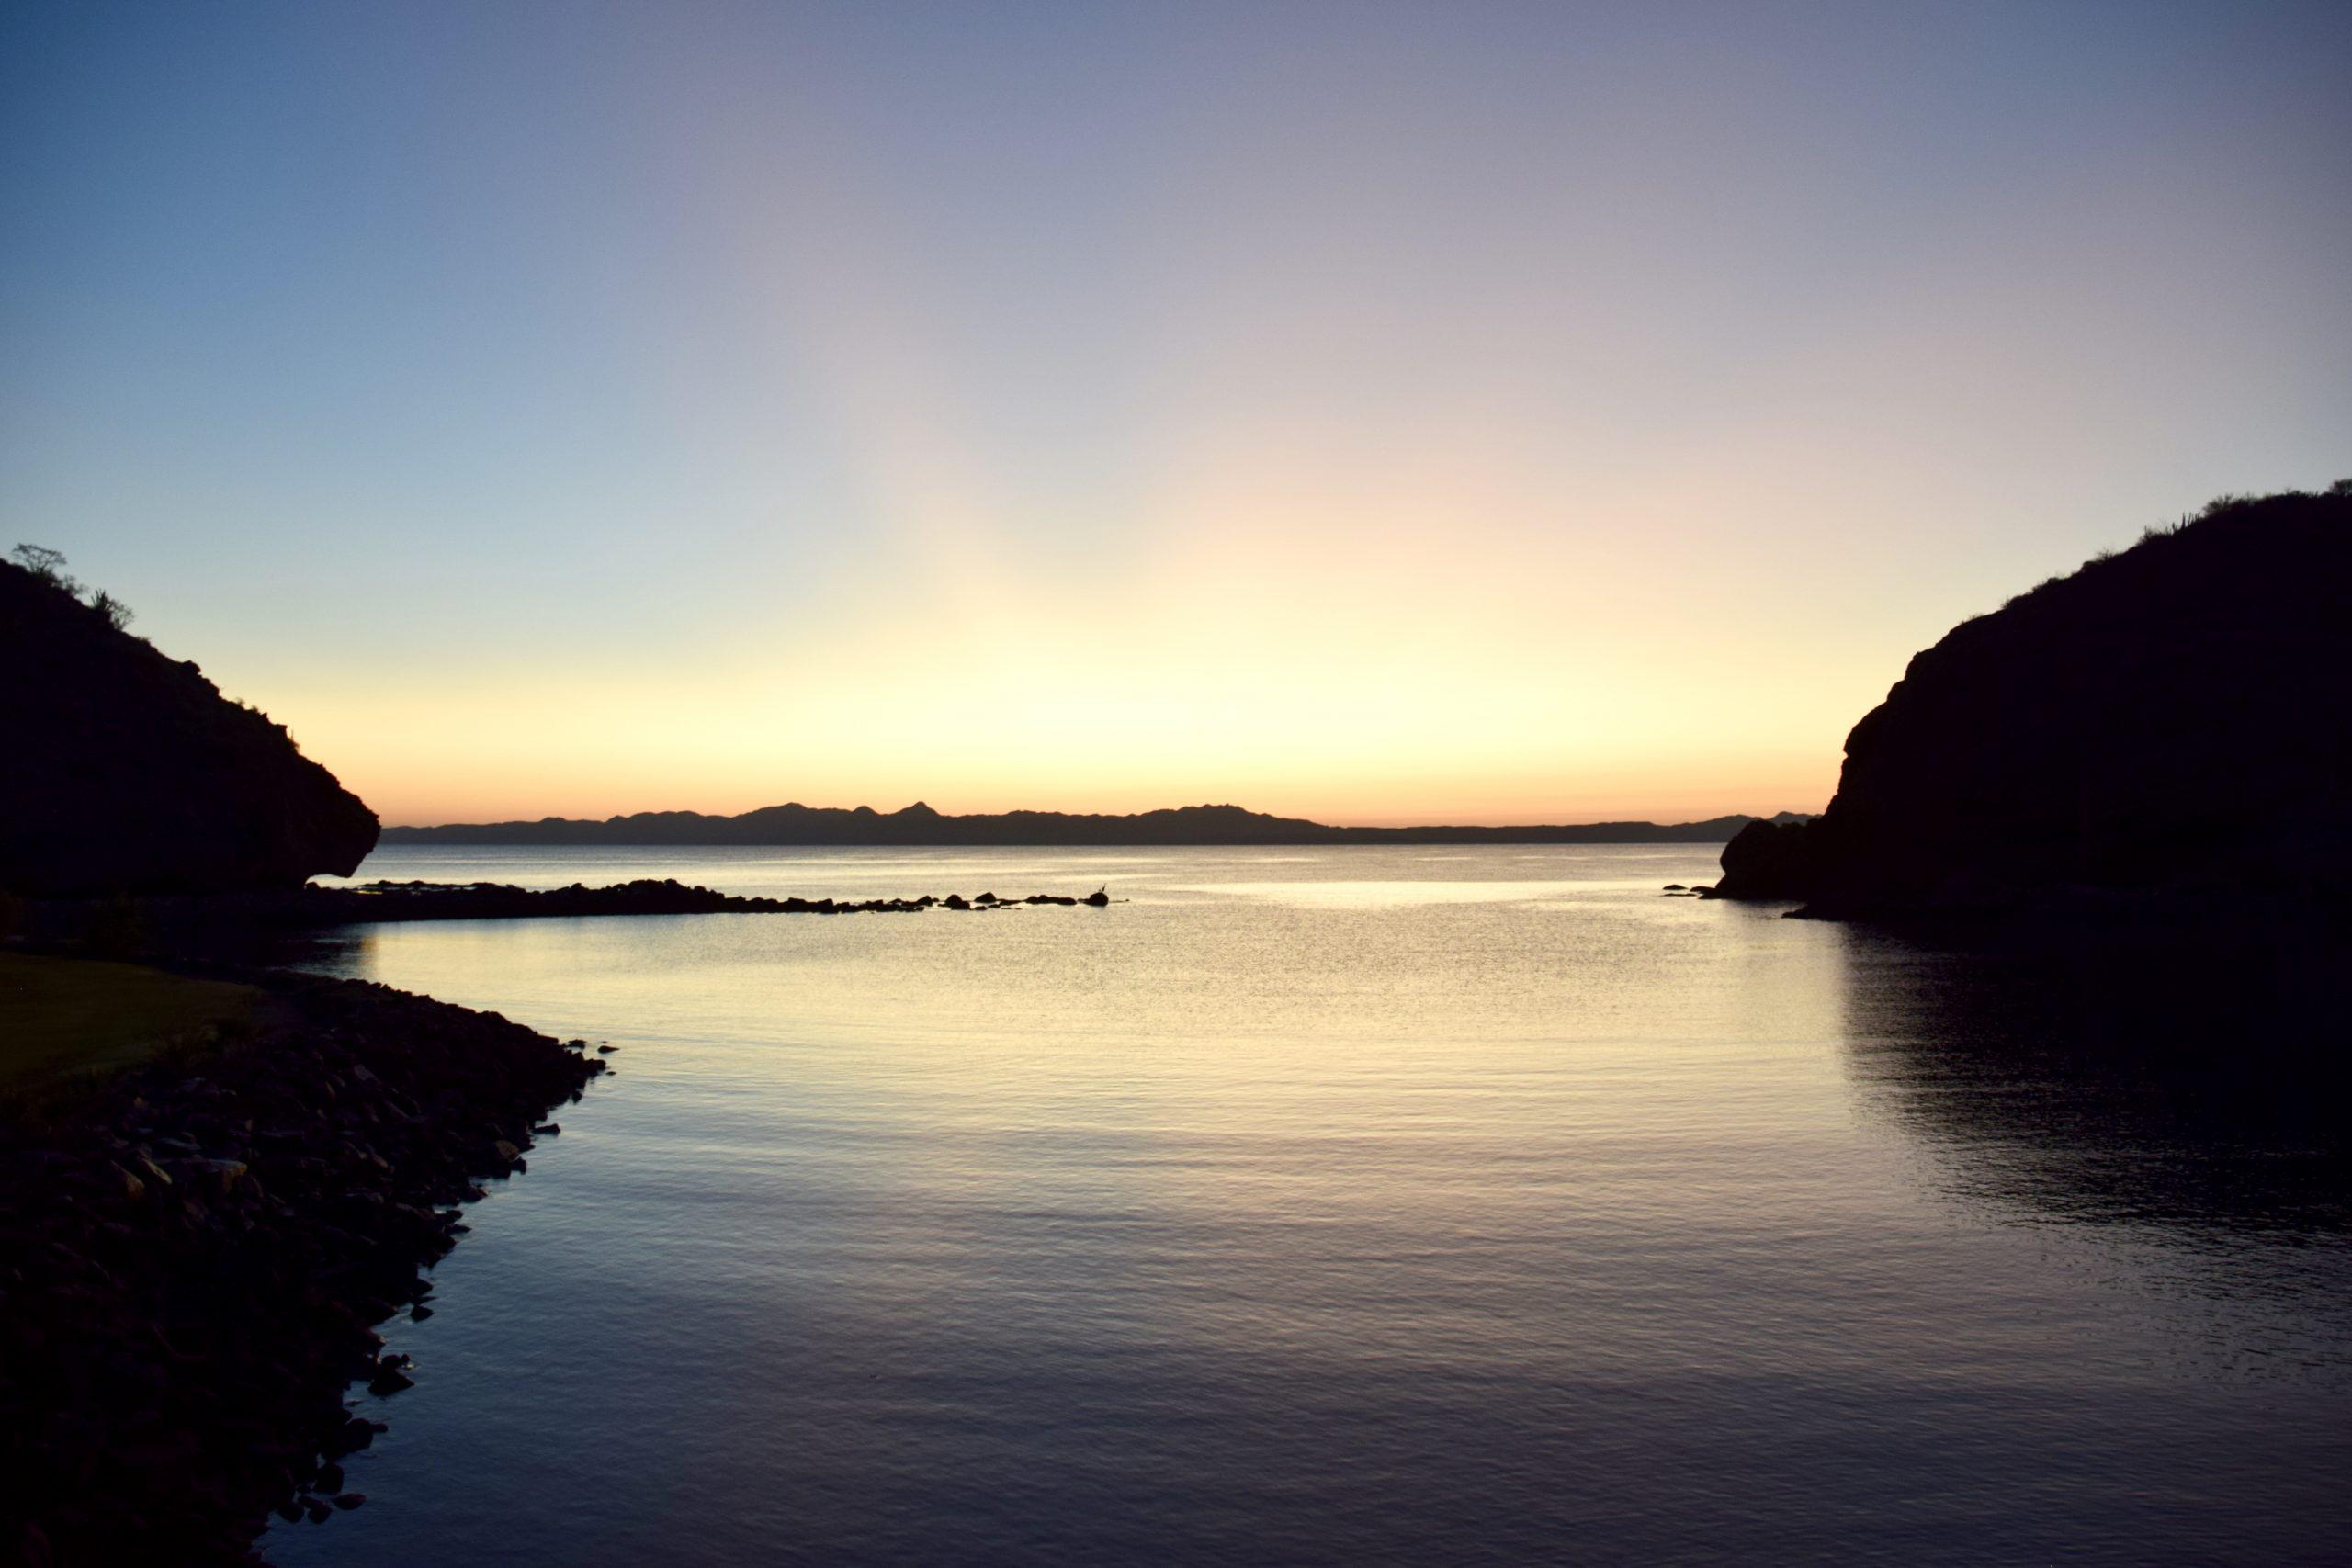 sun rises over Loreto Bay in Loreto, Mexico